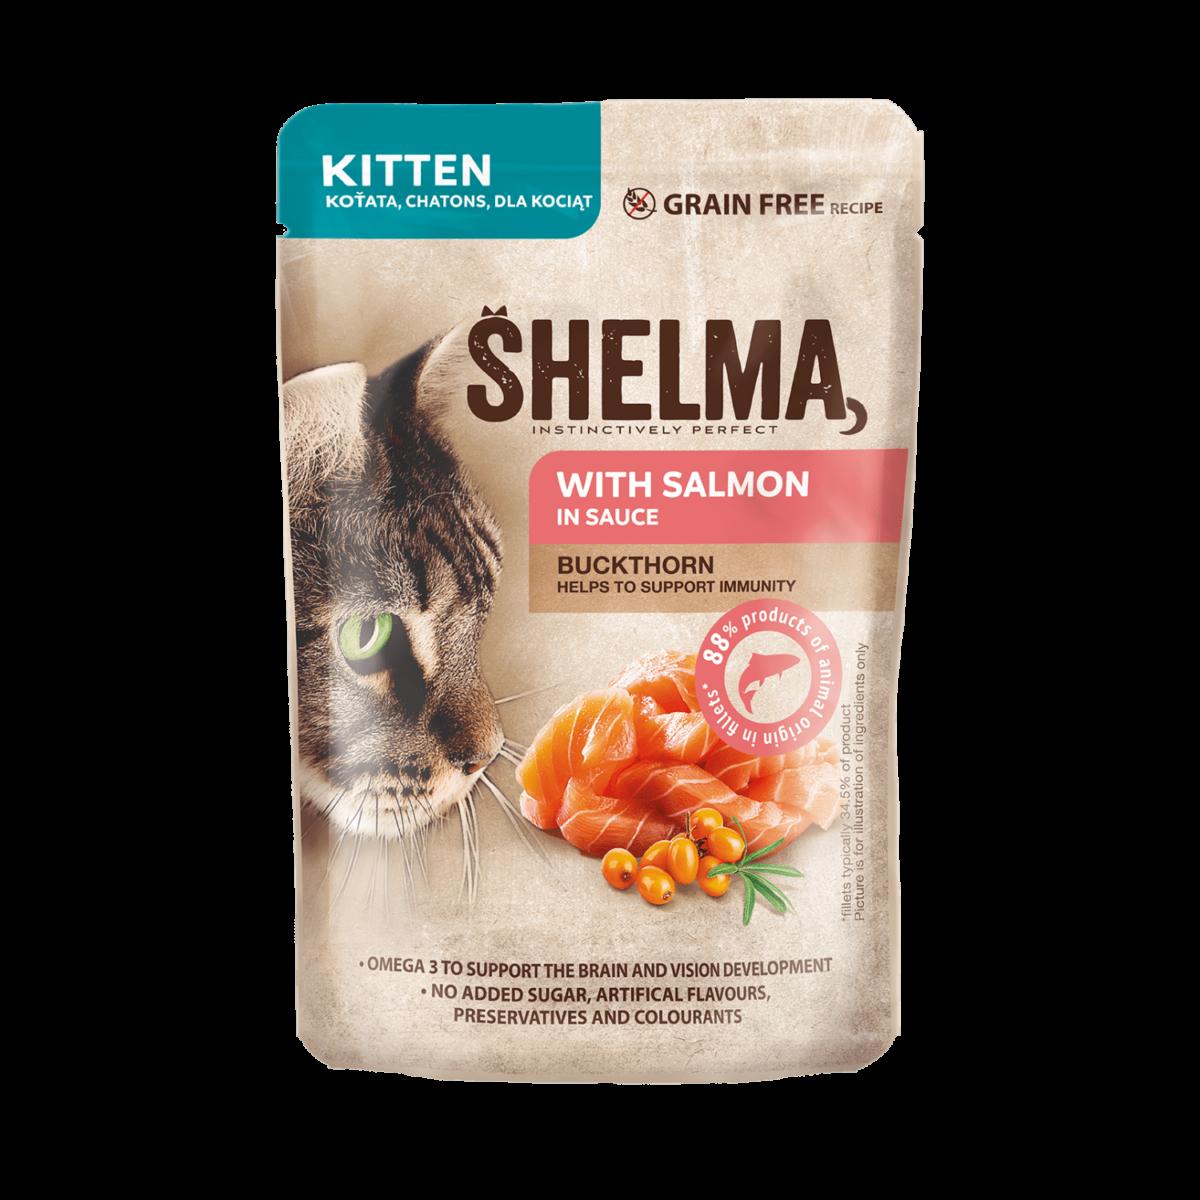 Šhelma kassipoja einekotike lõheifileed astelpajuga kastmes